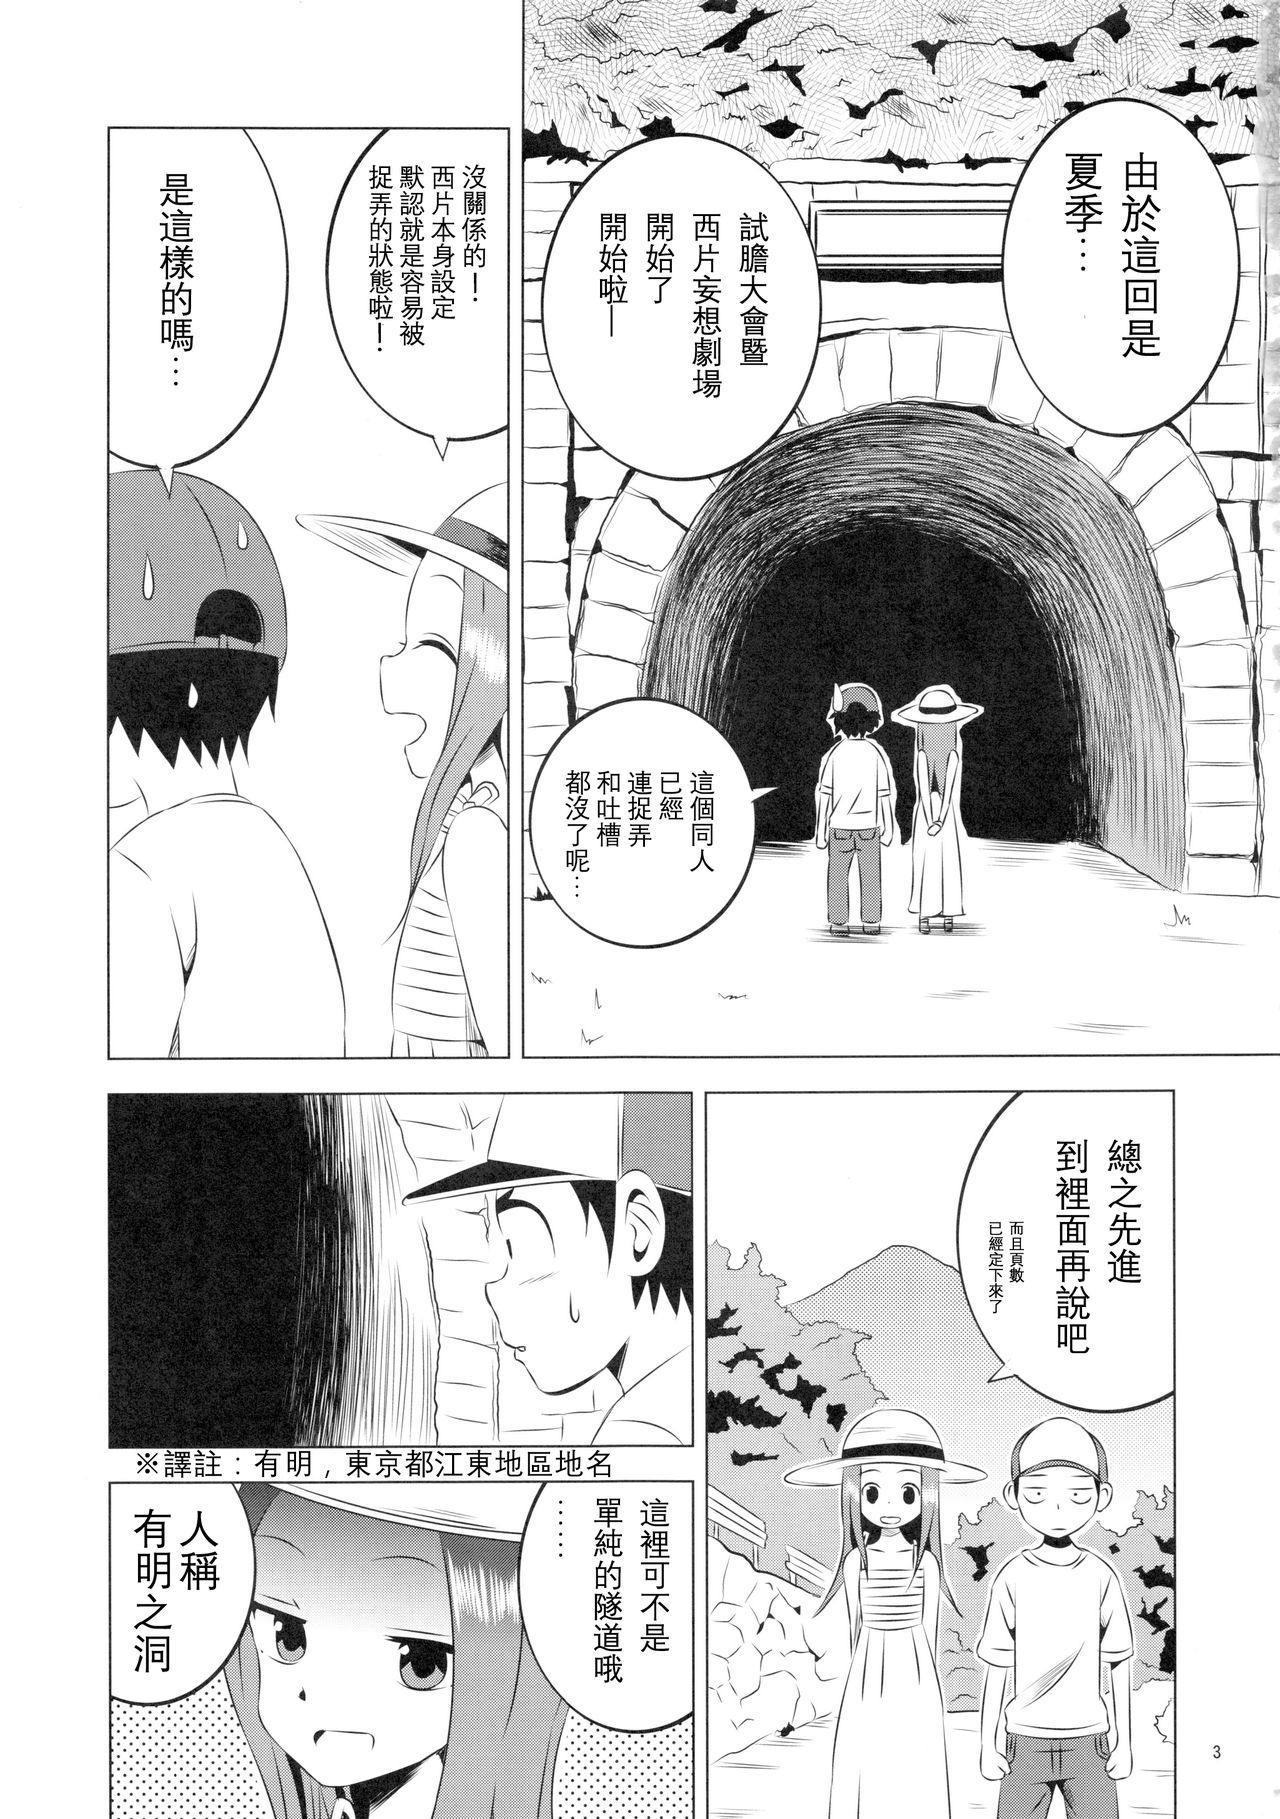 (C92) [Kakohimenoutuwa (Yuumazume)] Kyou mo Nishikata-kun wa Takagi-san ni Misukasareteru 4 (Karakai Jouzu no Takagi-san) [Chinese] [星幽漢化組] 3